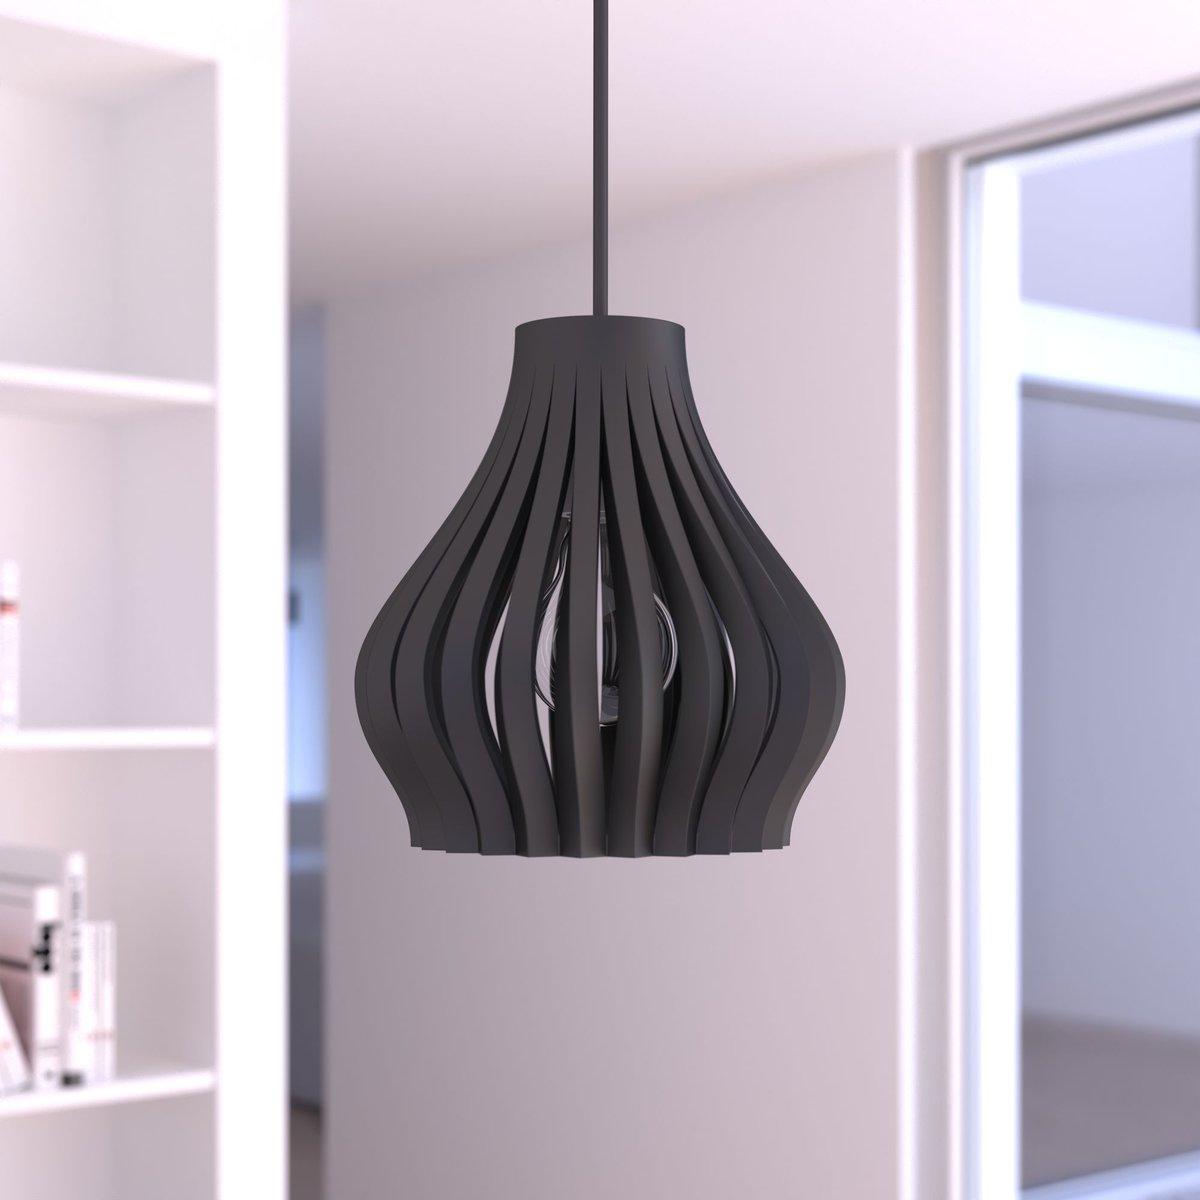 Lighting in development #pendant #light #3dprint